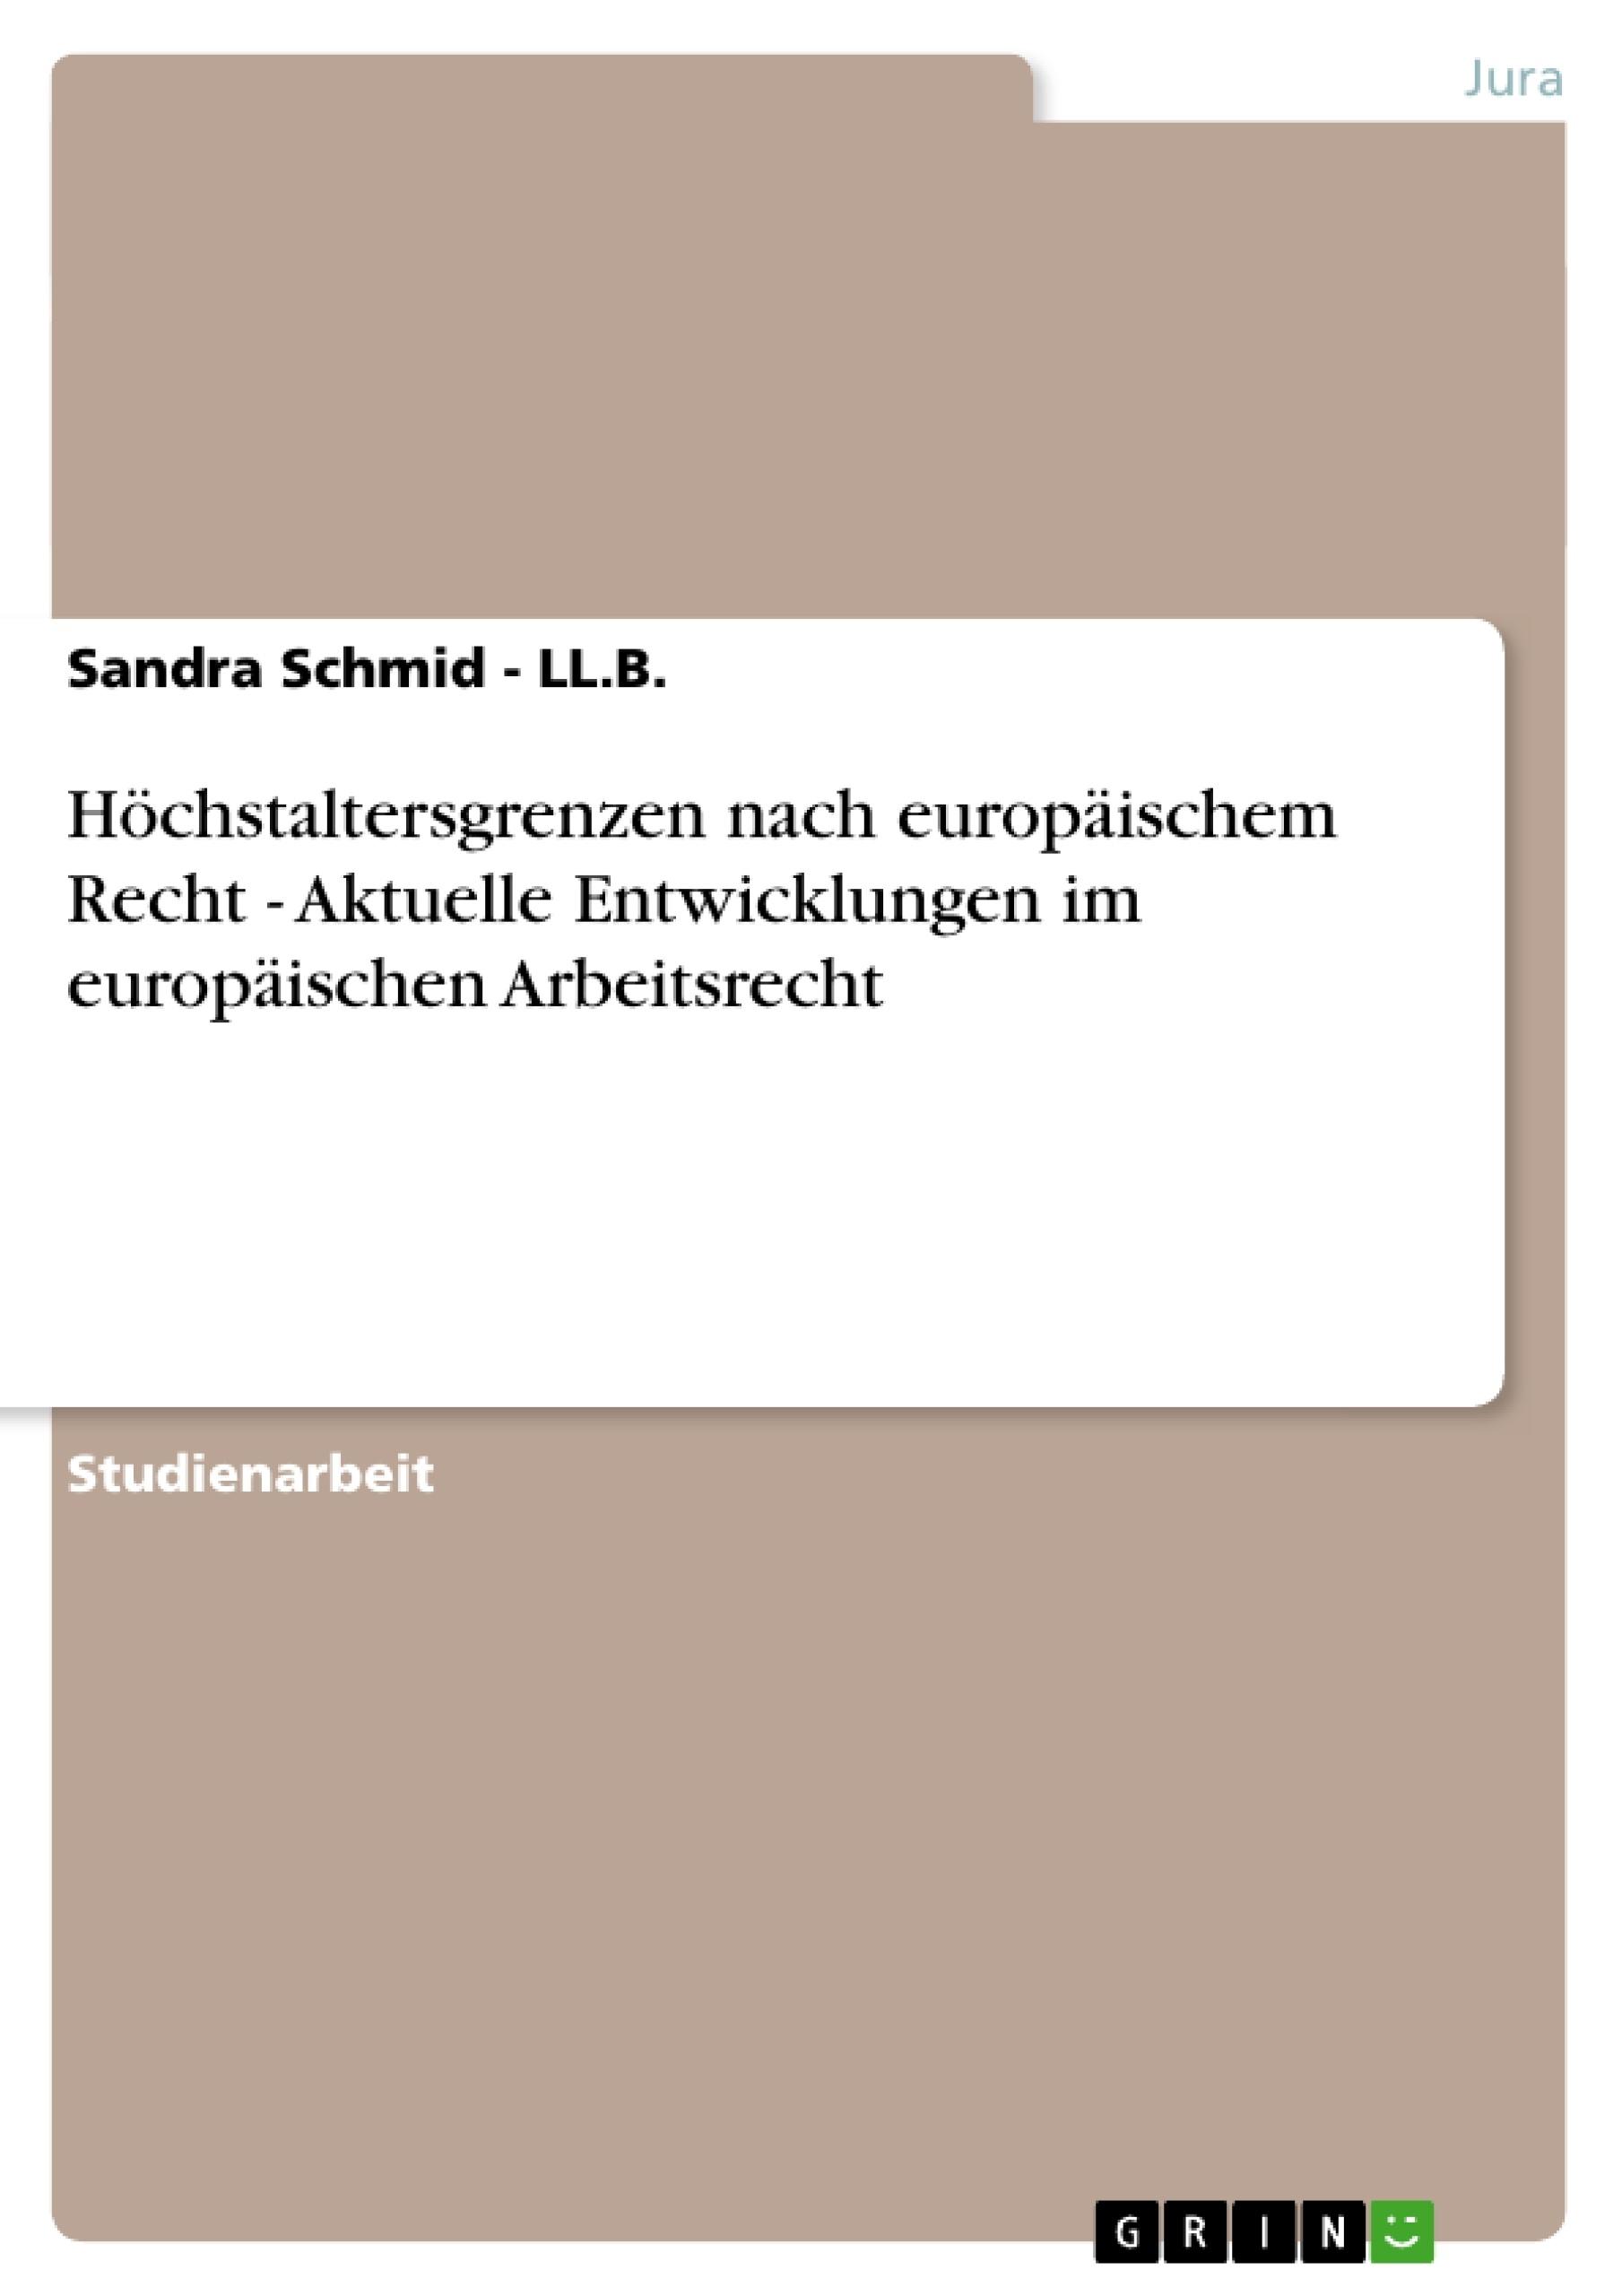 Titel: Höchstaltersgrenzen nach europäischem Recht  -  Aktuelle Entwicklungen im europäischen Arbeitsrecht